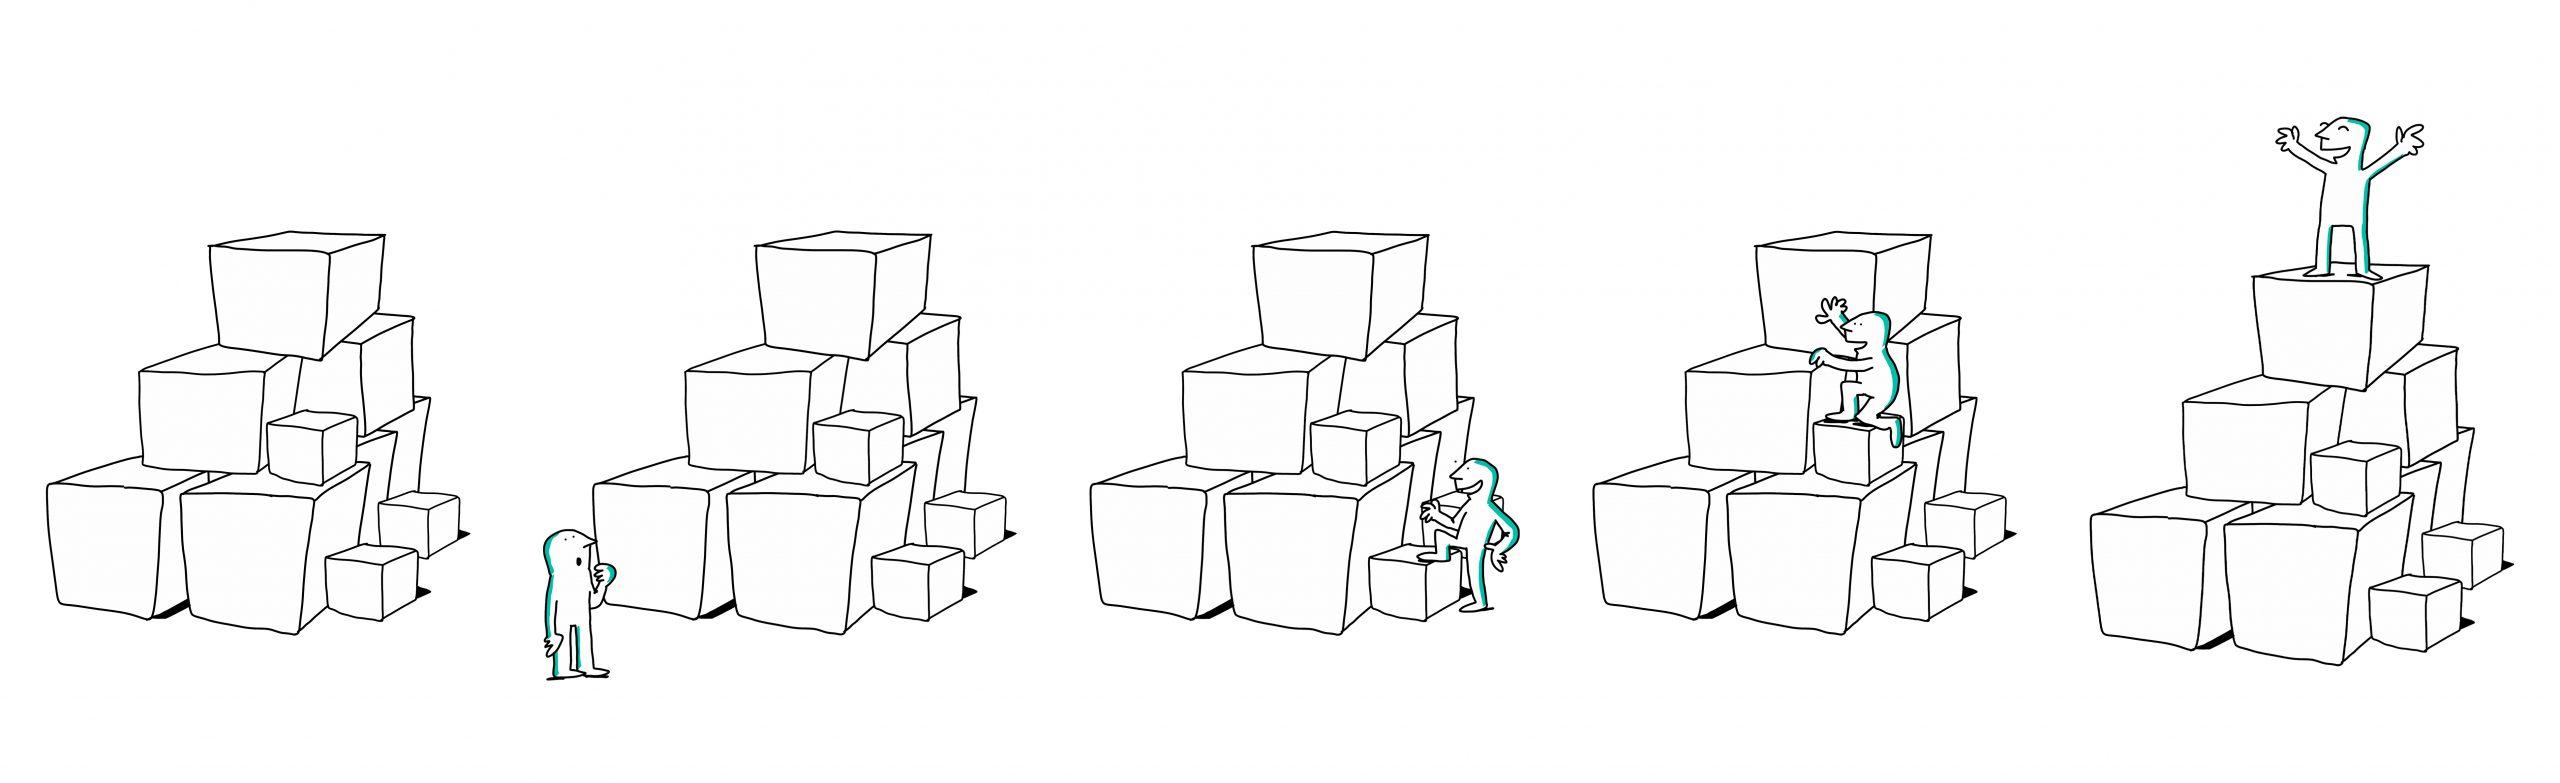 Vastuullisuuden matkailun portaiden viisi asentoa - ensimmäinen: kuvasta löytyy vain portaikko, toinen: matkailutoimija on tullut portaikon viereen ja ihmettelee sitä, kolmas: matkailutoimija on innostunut ja alkaa kiipeillä portaita ylös, neljäs: matkailutoimija on portaikon puolessavälissä, viides: matkailutoimija on portaikon huipussa. Kuvitus: Linda Saukko-Rauta, RedanRedan Oy.